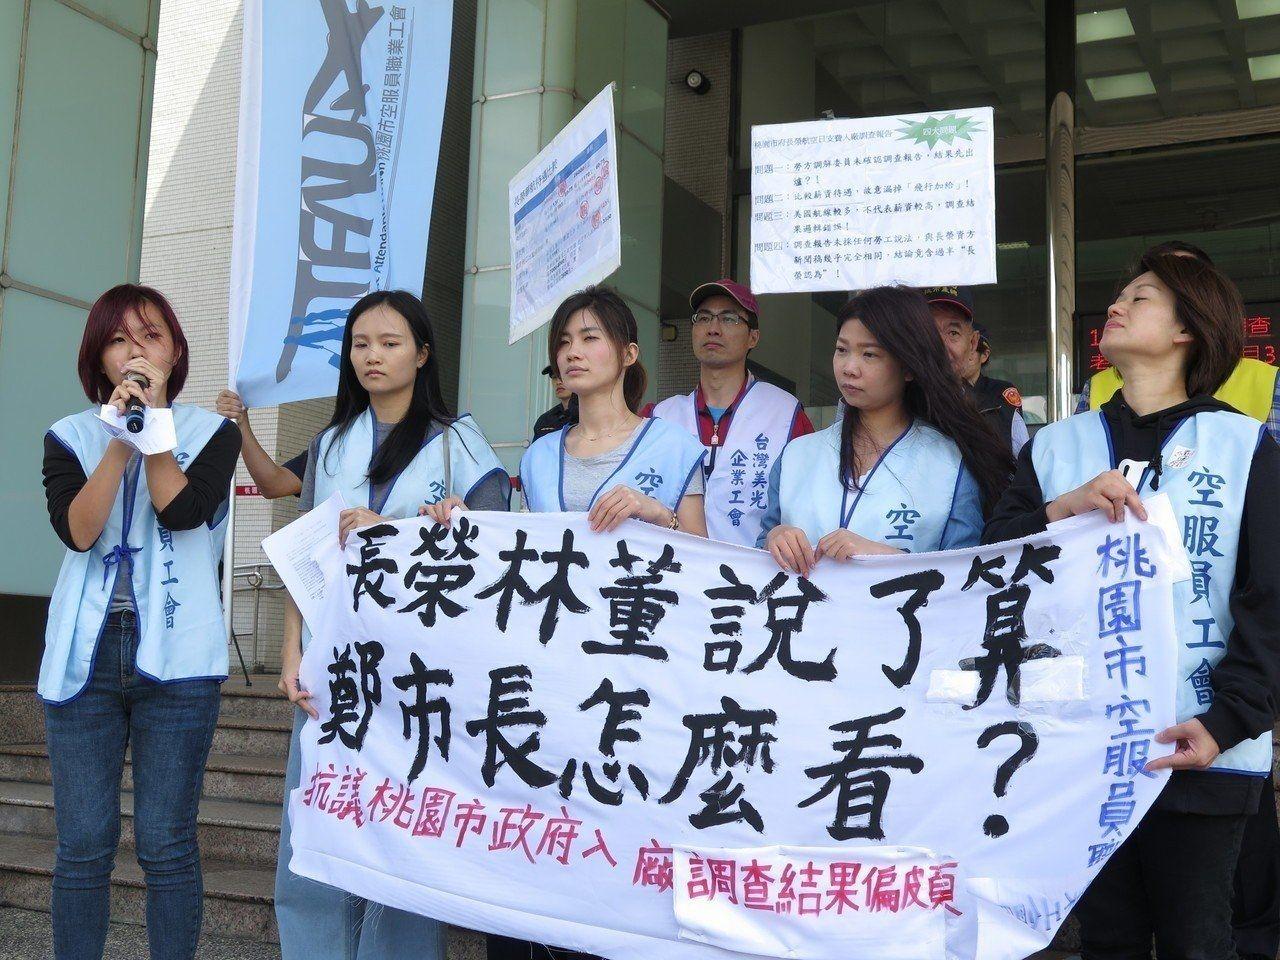 长荣航空劳资争议空姐罢工 台媒:当局束手无策